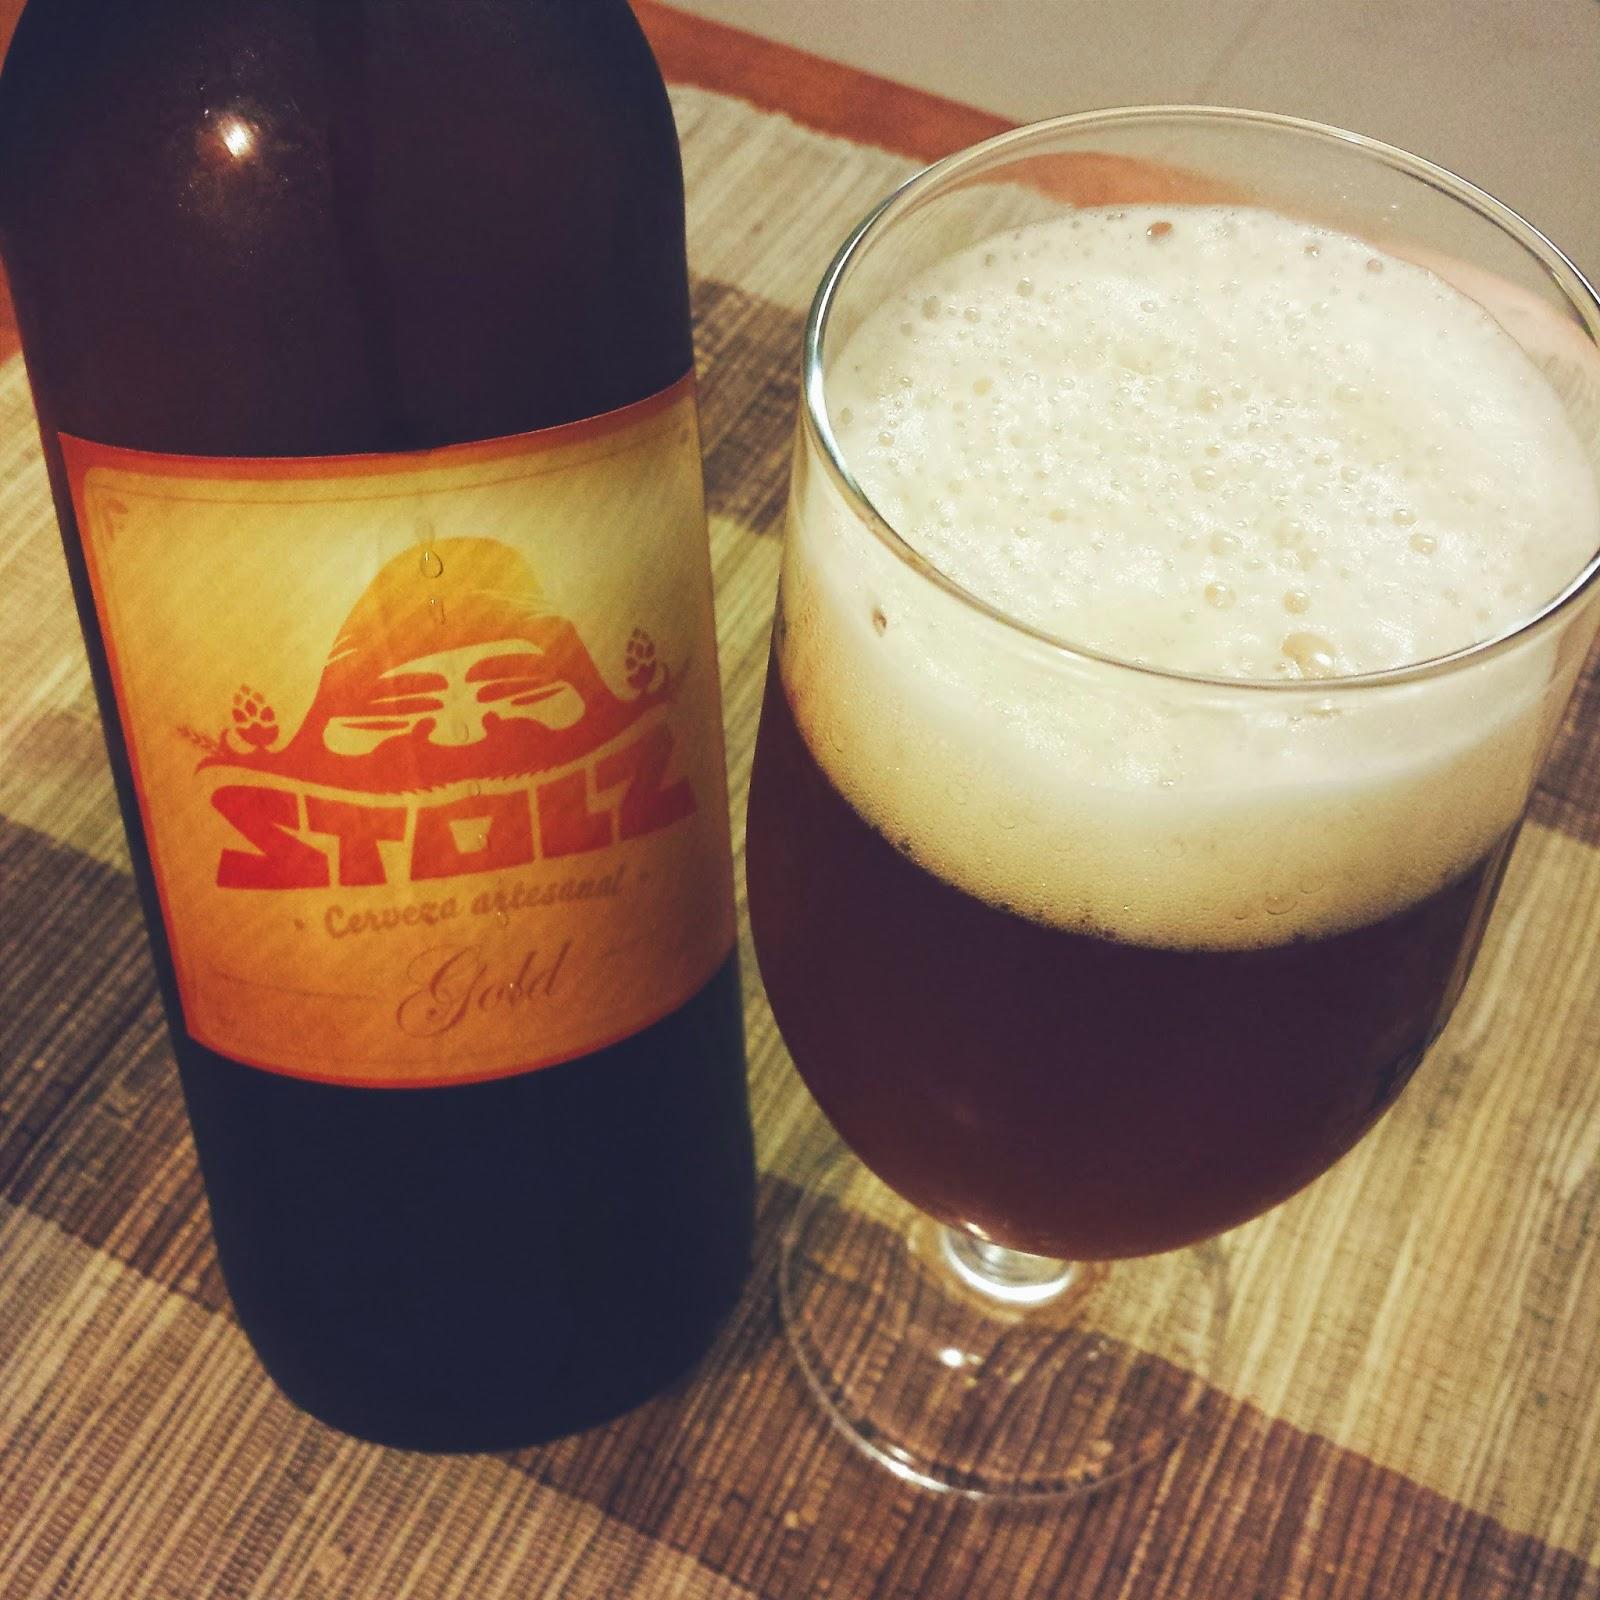 cervejas artesanais uruguaias stolz